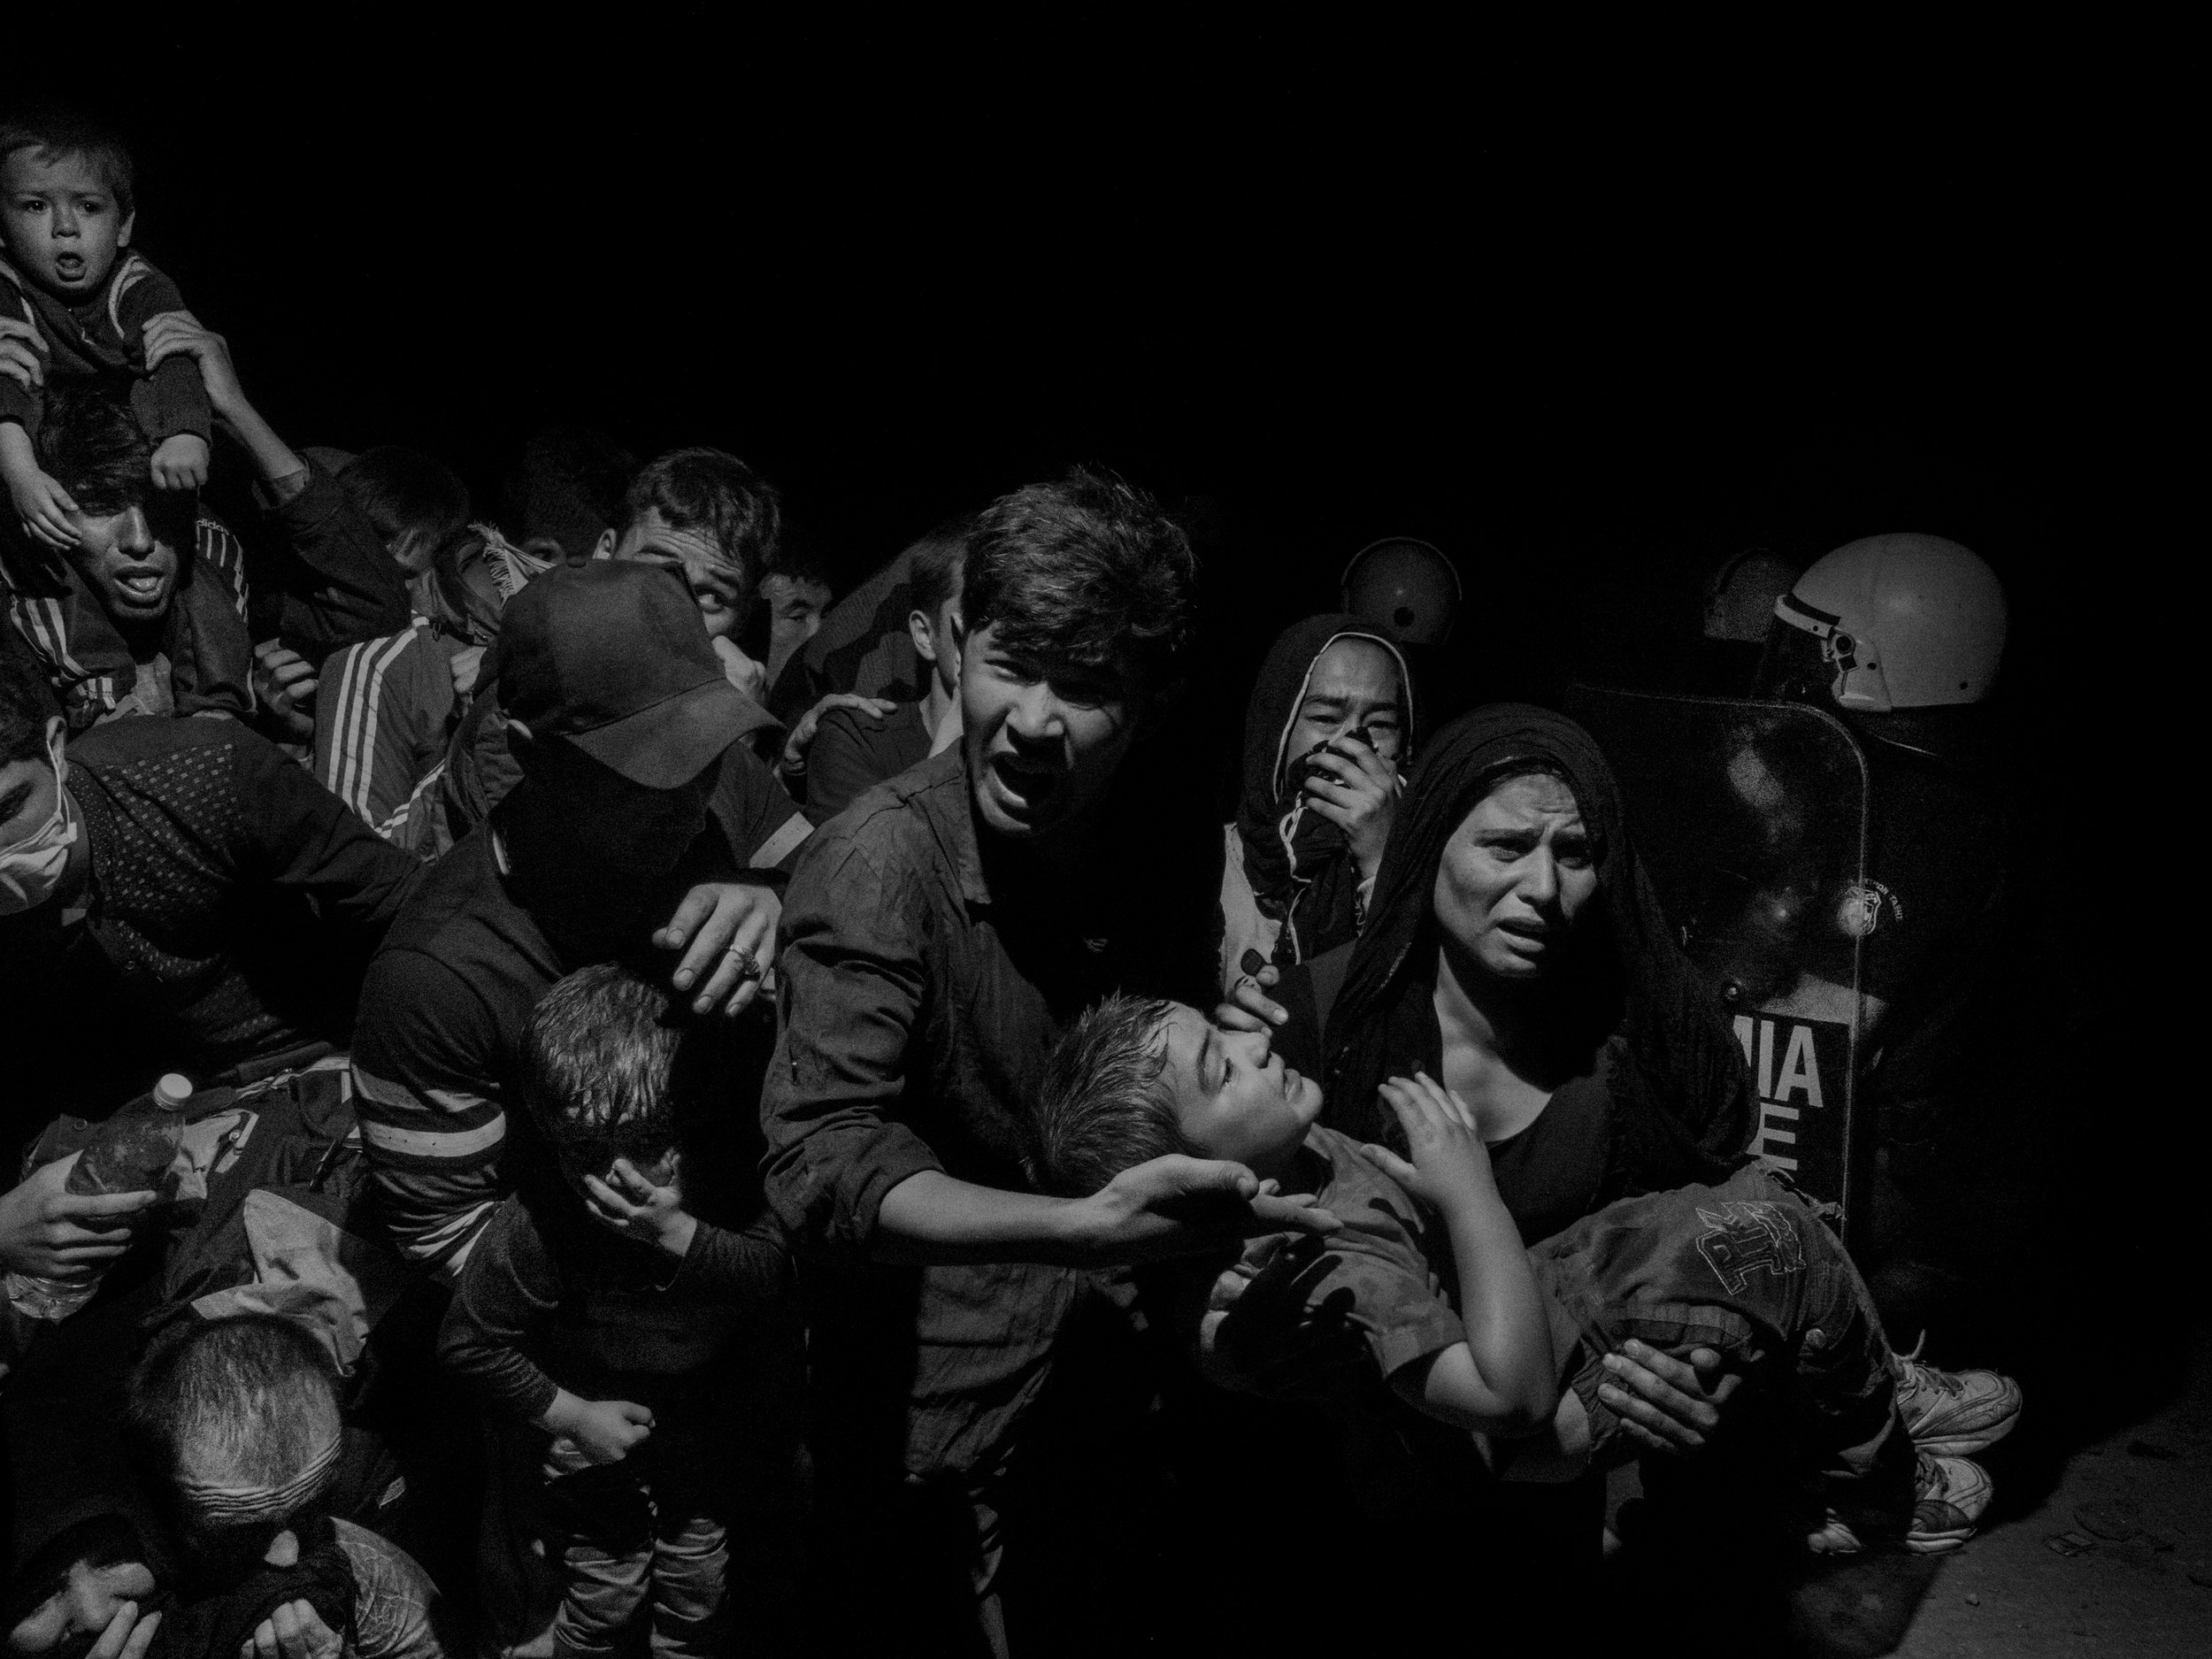 Alex Majoli, Scene #60410, Lesbos, Greece 2/5, 2015